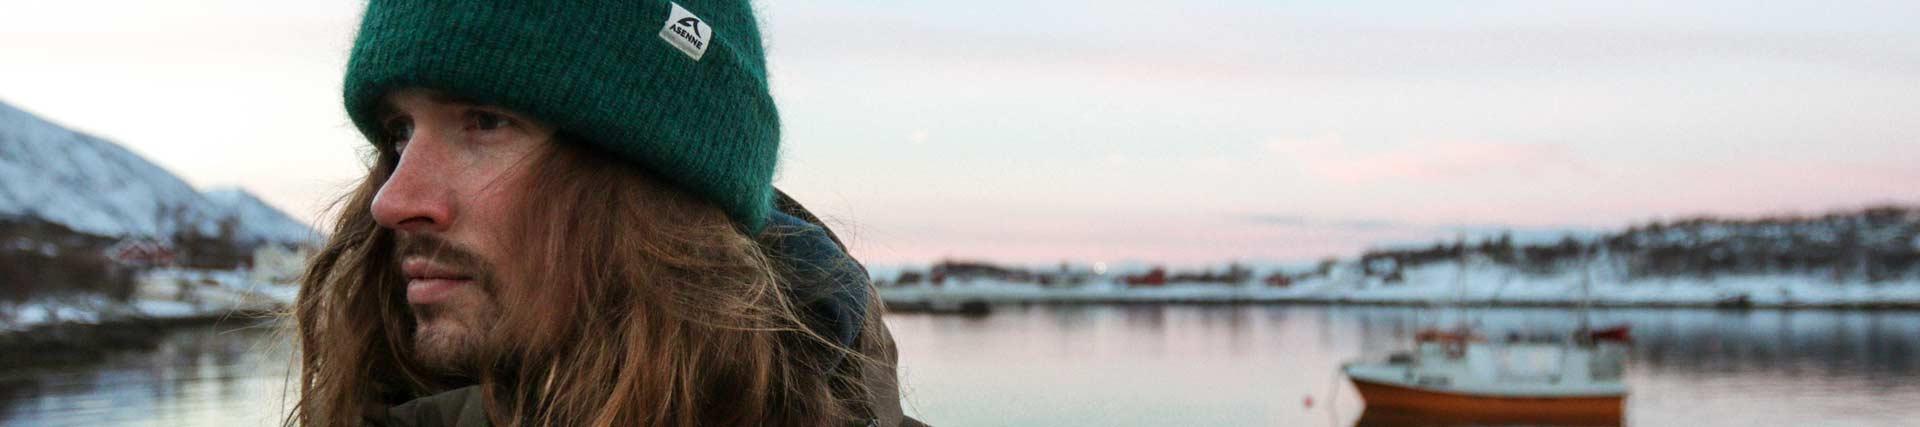 Asenne Mohair beanie in Lofoten